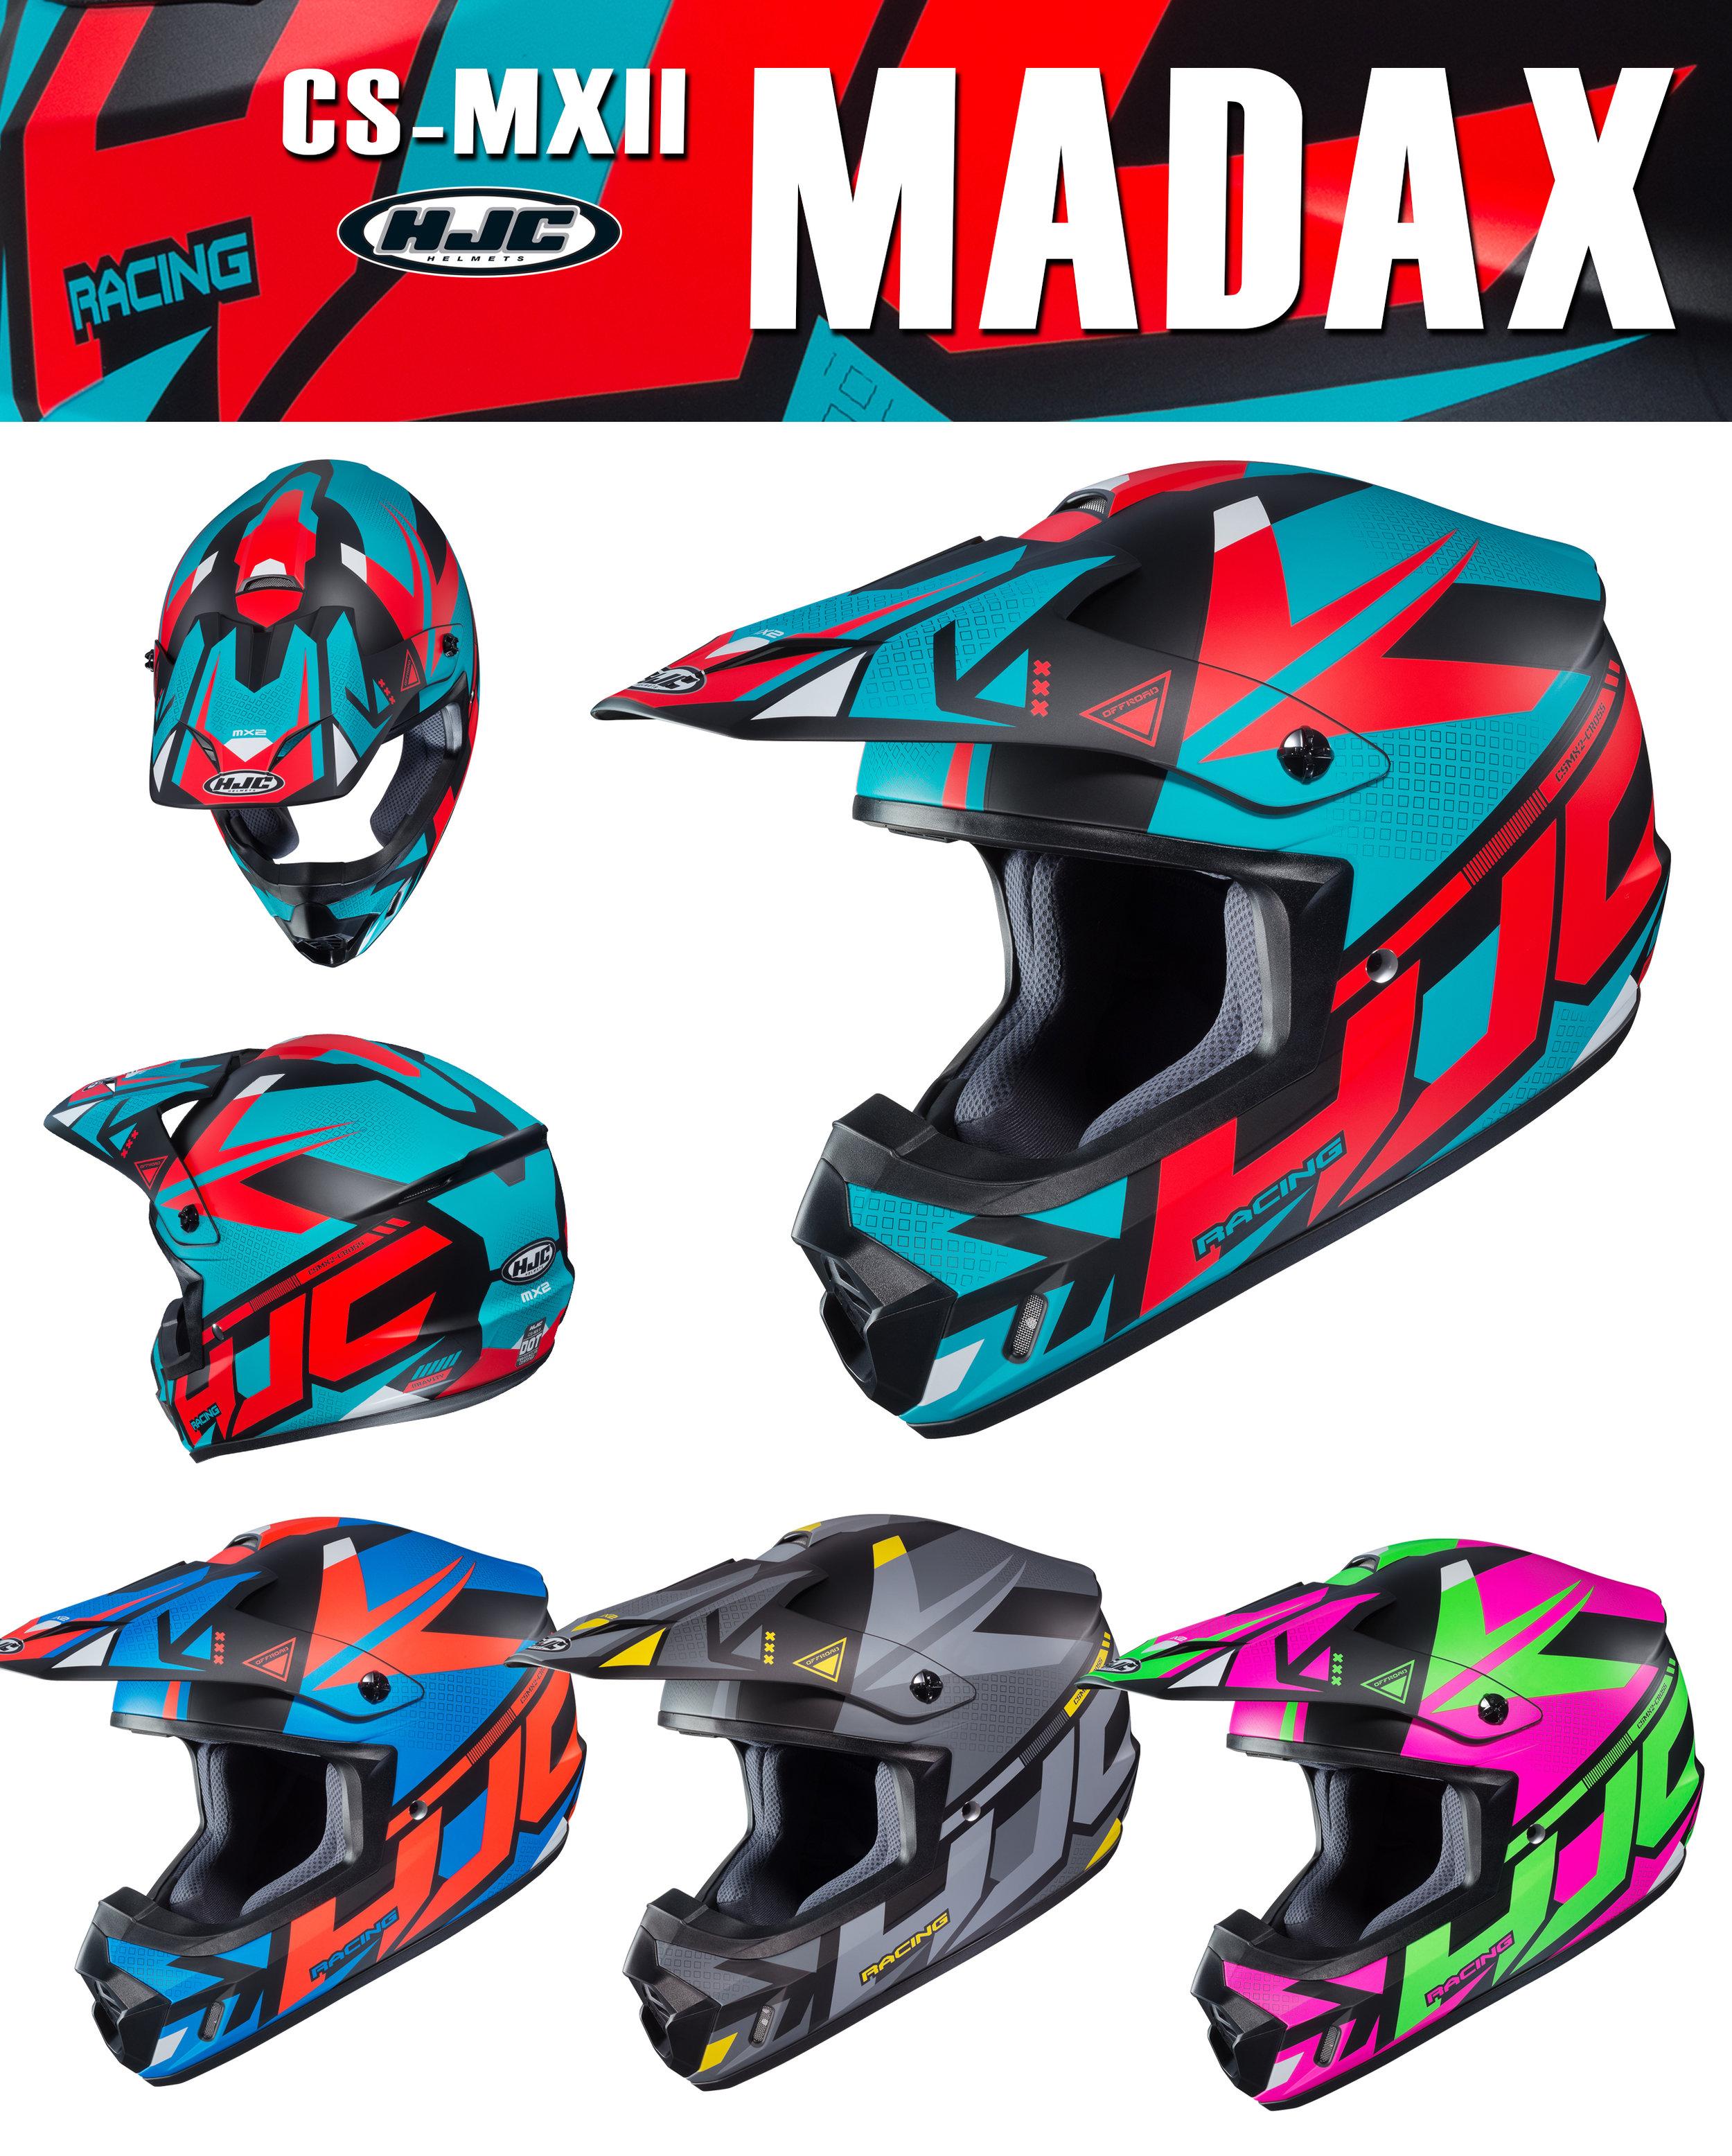 CSMXII Madax Helmet Post.jpg